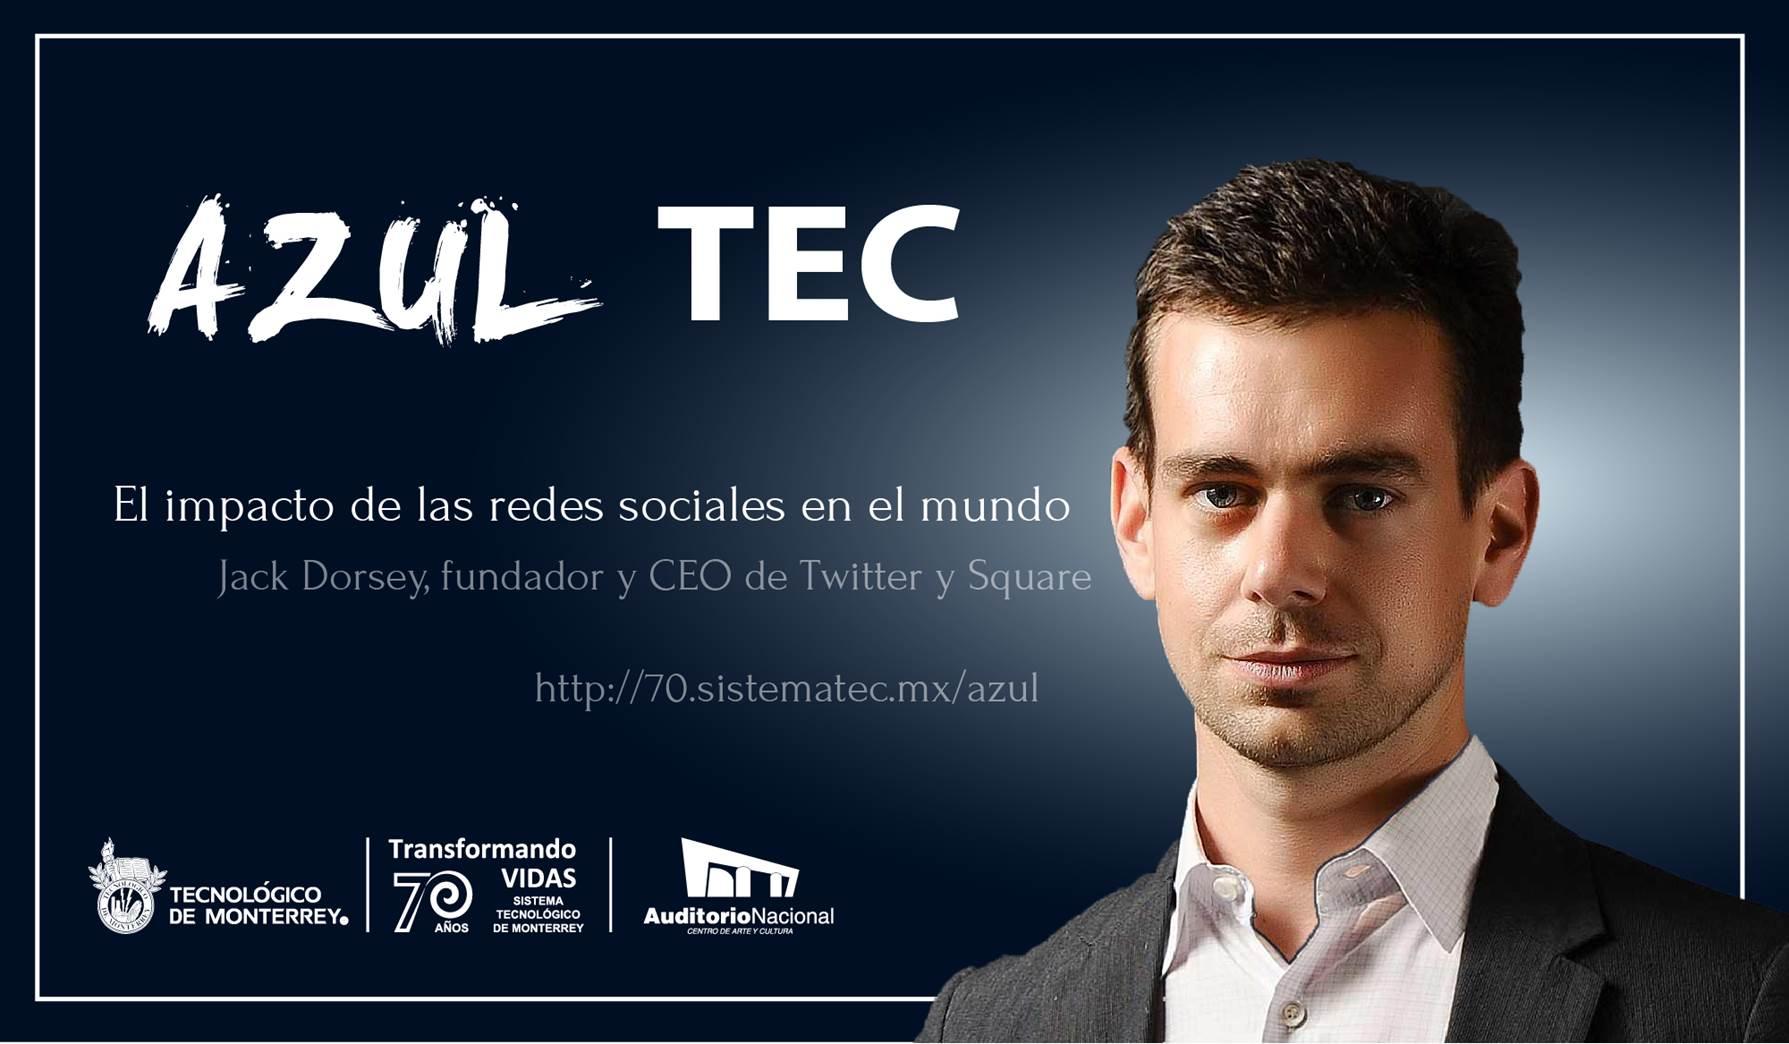 Felicidades al Tecnológico de Monterrey